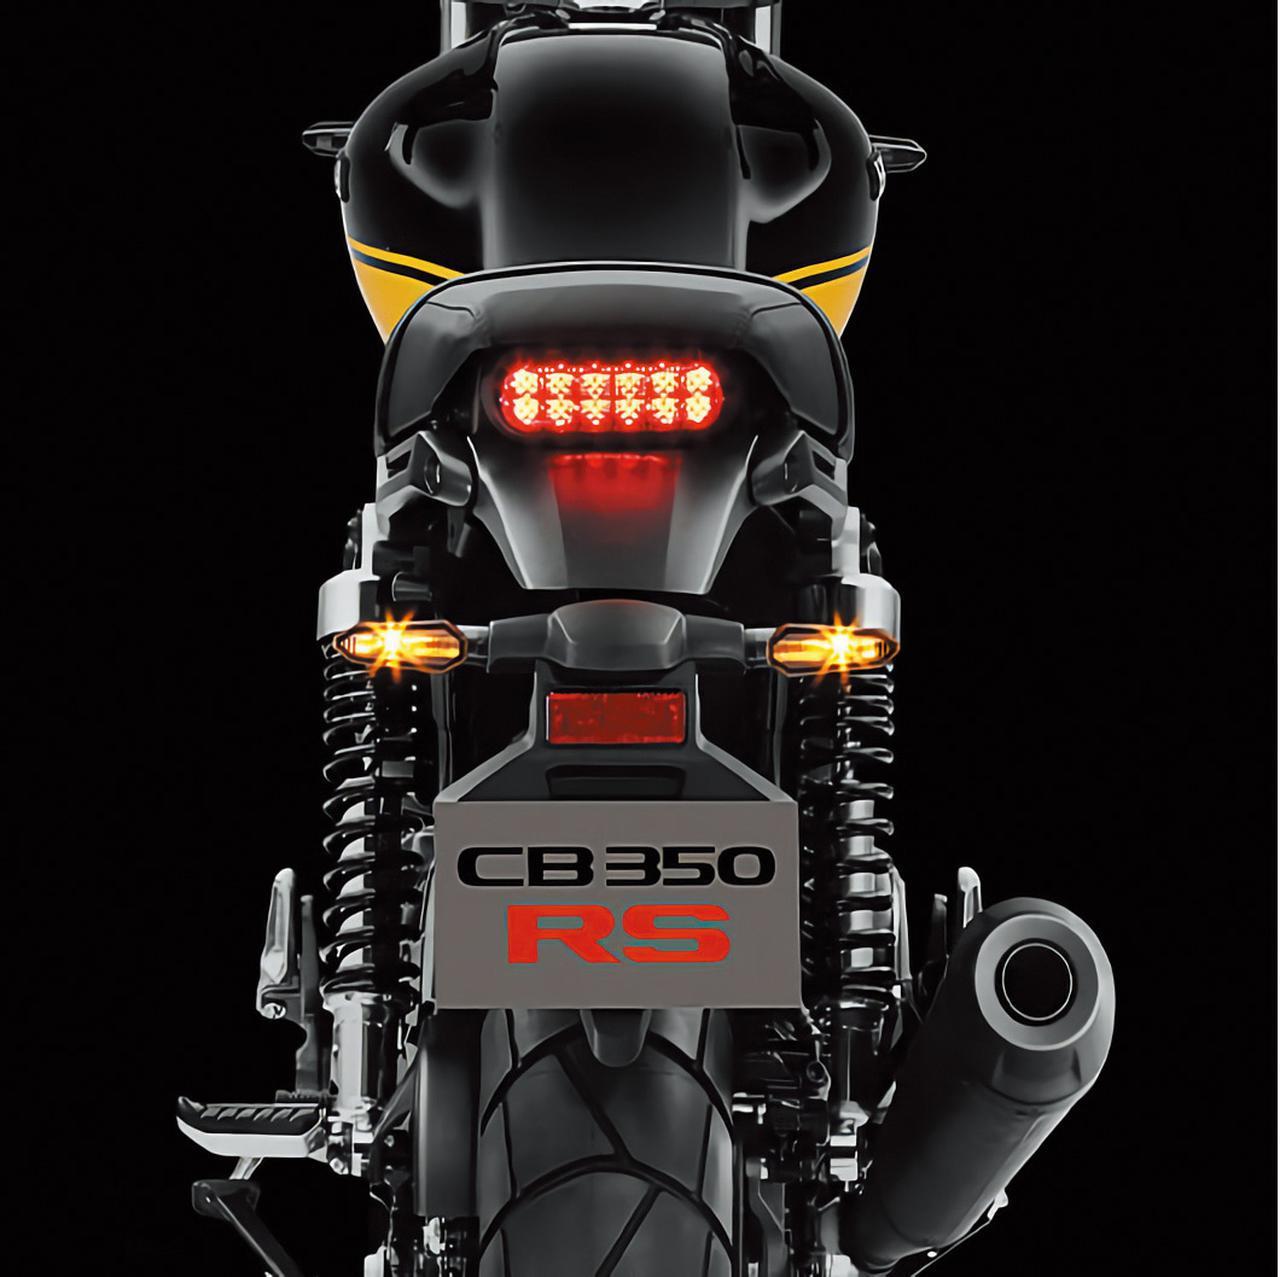 画像: メッキリアフェンダーとクラシカルなテールランプというハイネスCB350のリアビューに対し、CB350RSでは一気に現代的デザインに。